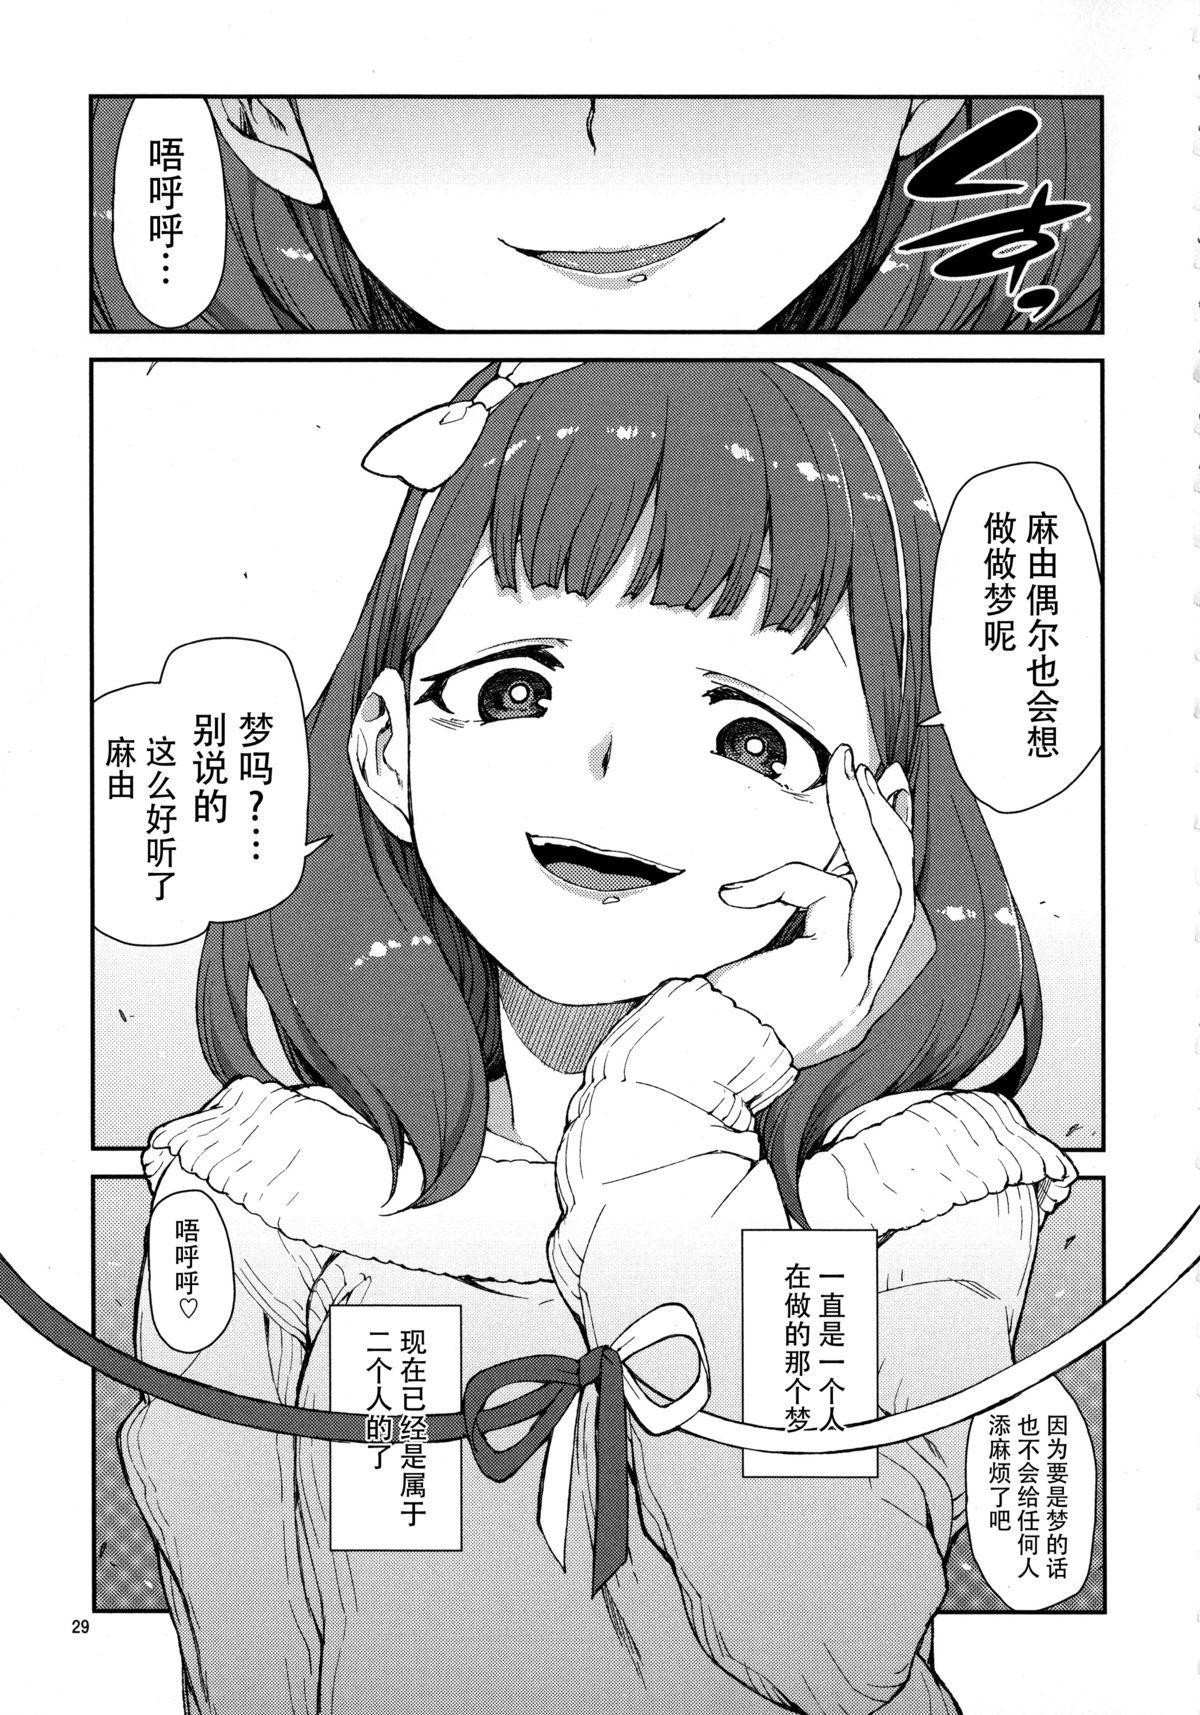 Korekara Nakyoku Shimashou ne 29